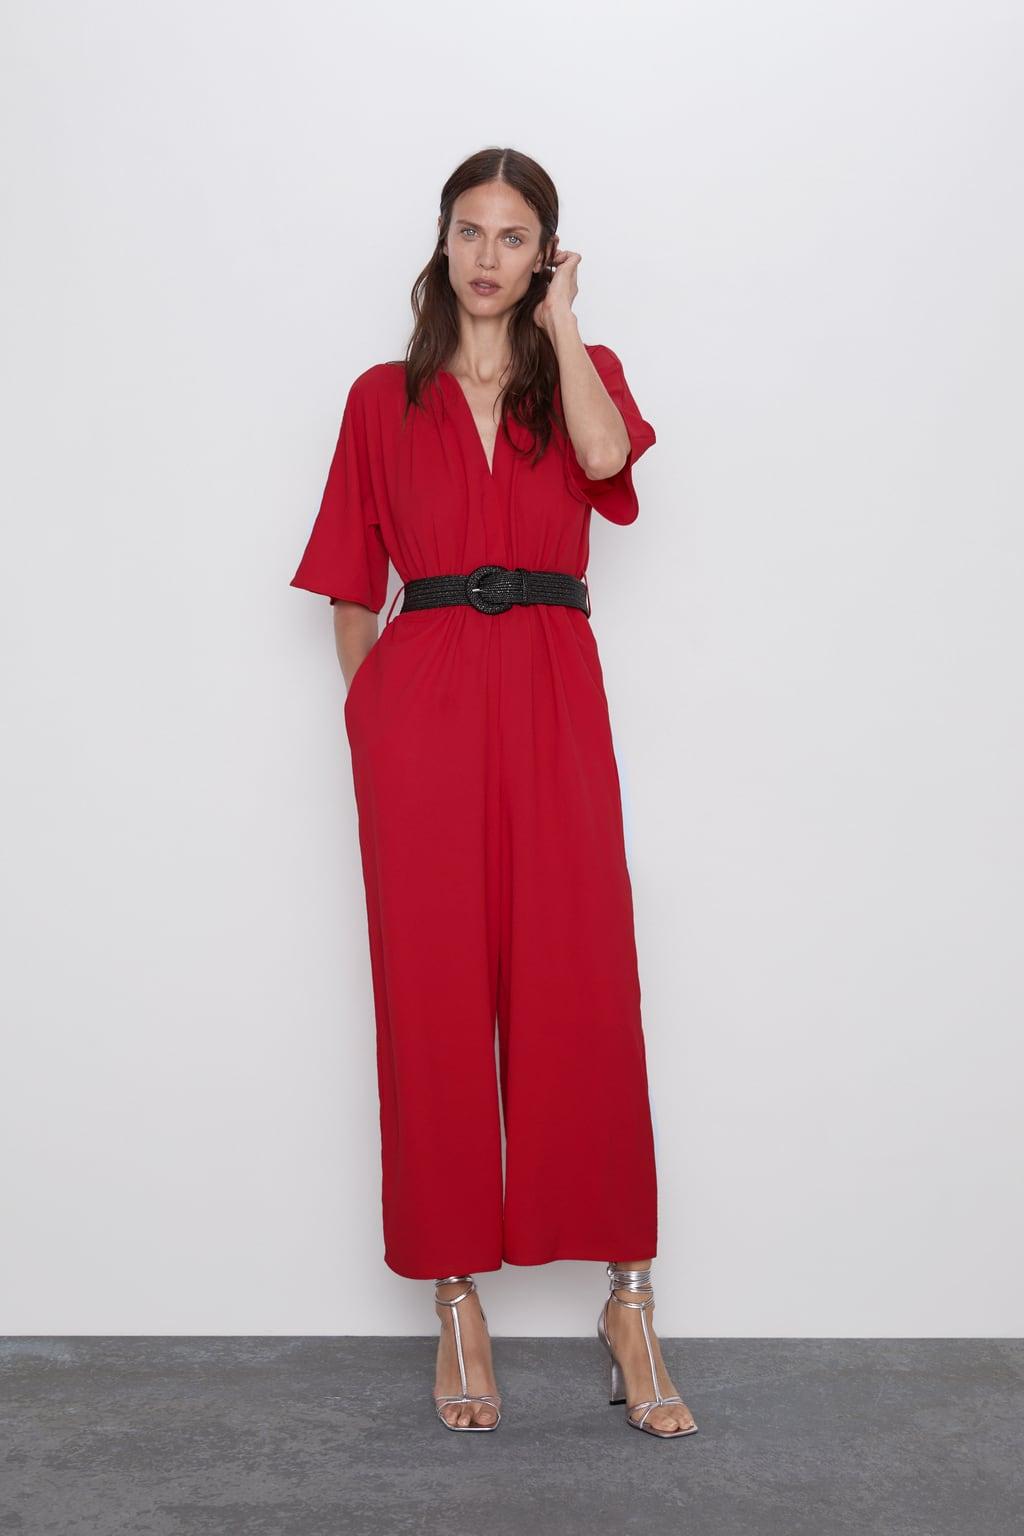 5 vestidos de Zara para copiar el look agotado de Kate Middleton